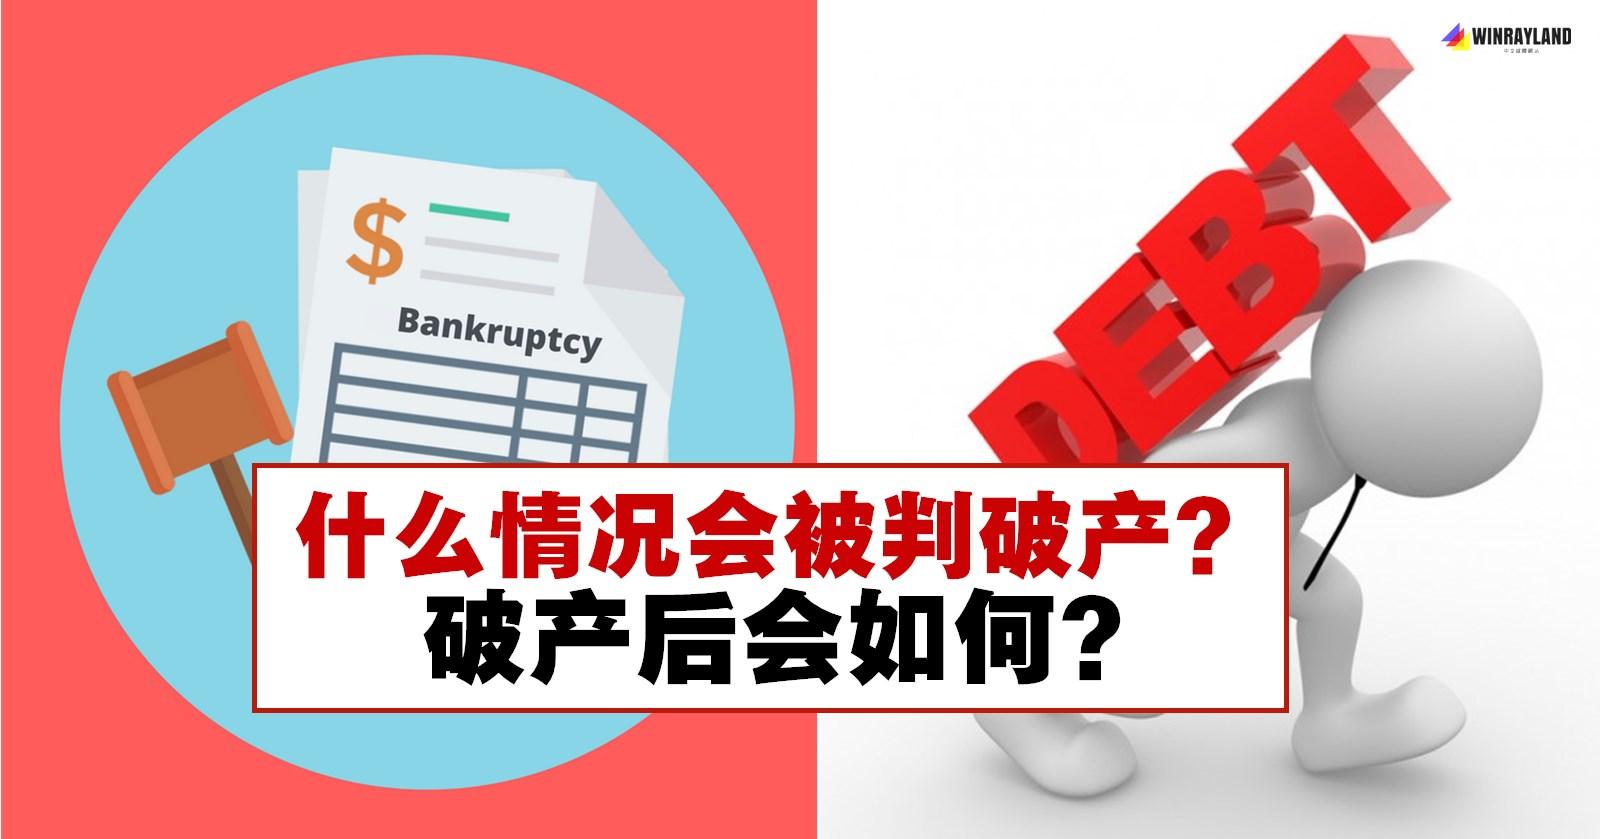 什么情况会被判破产?破产后会如何?